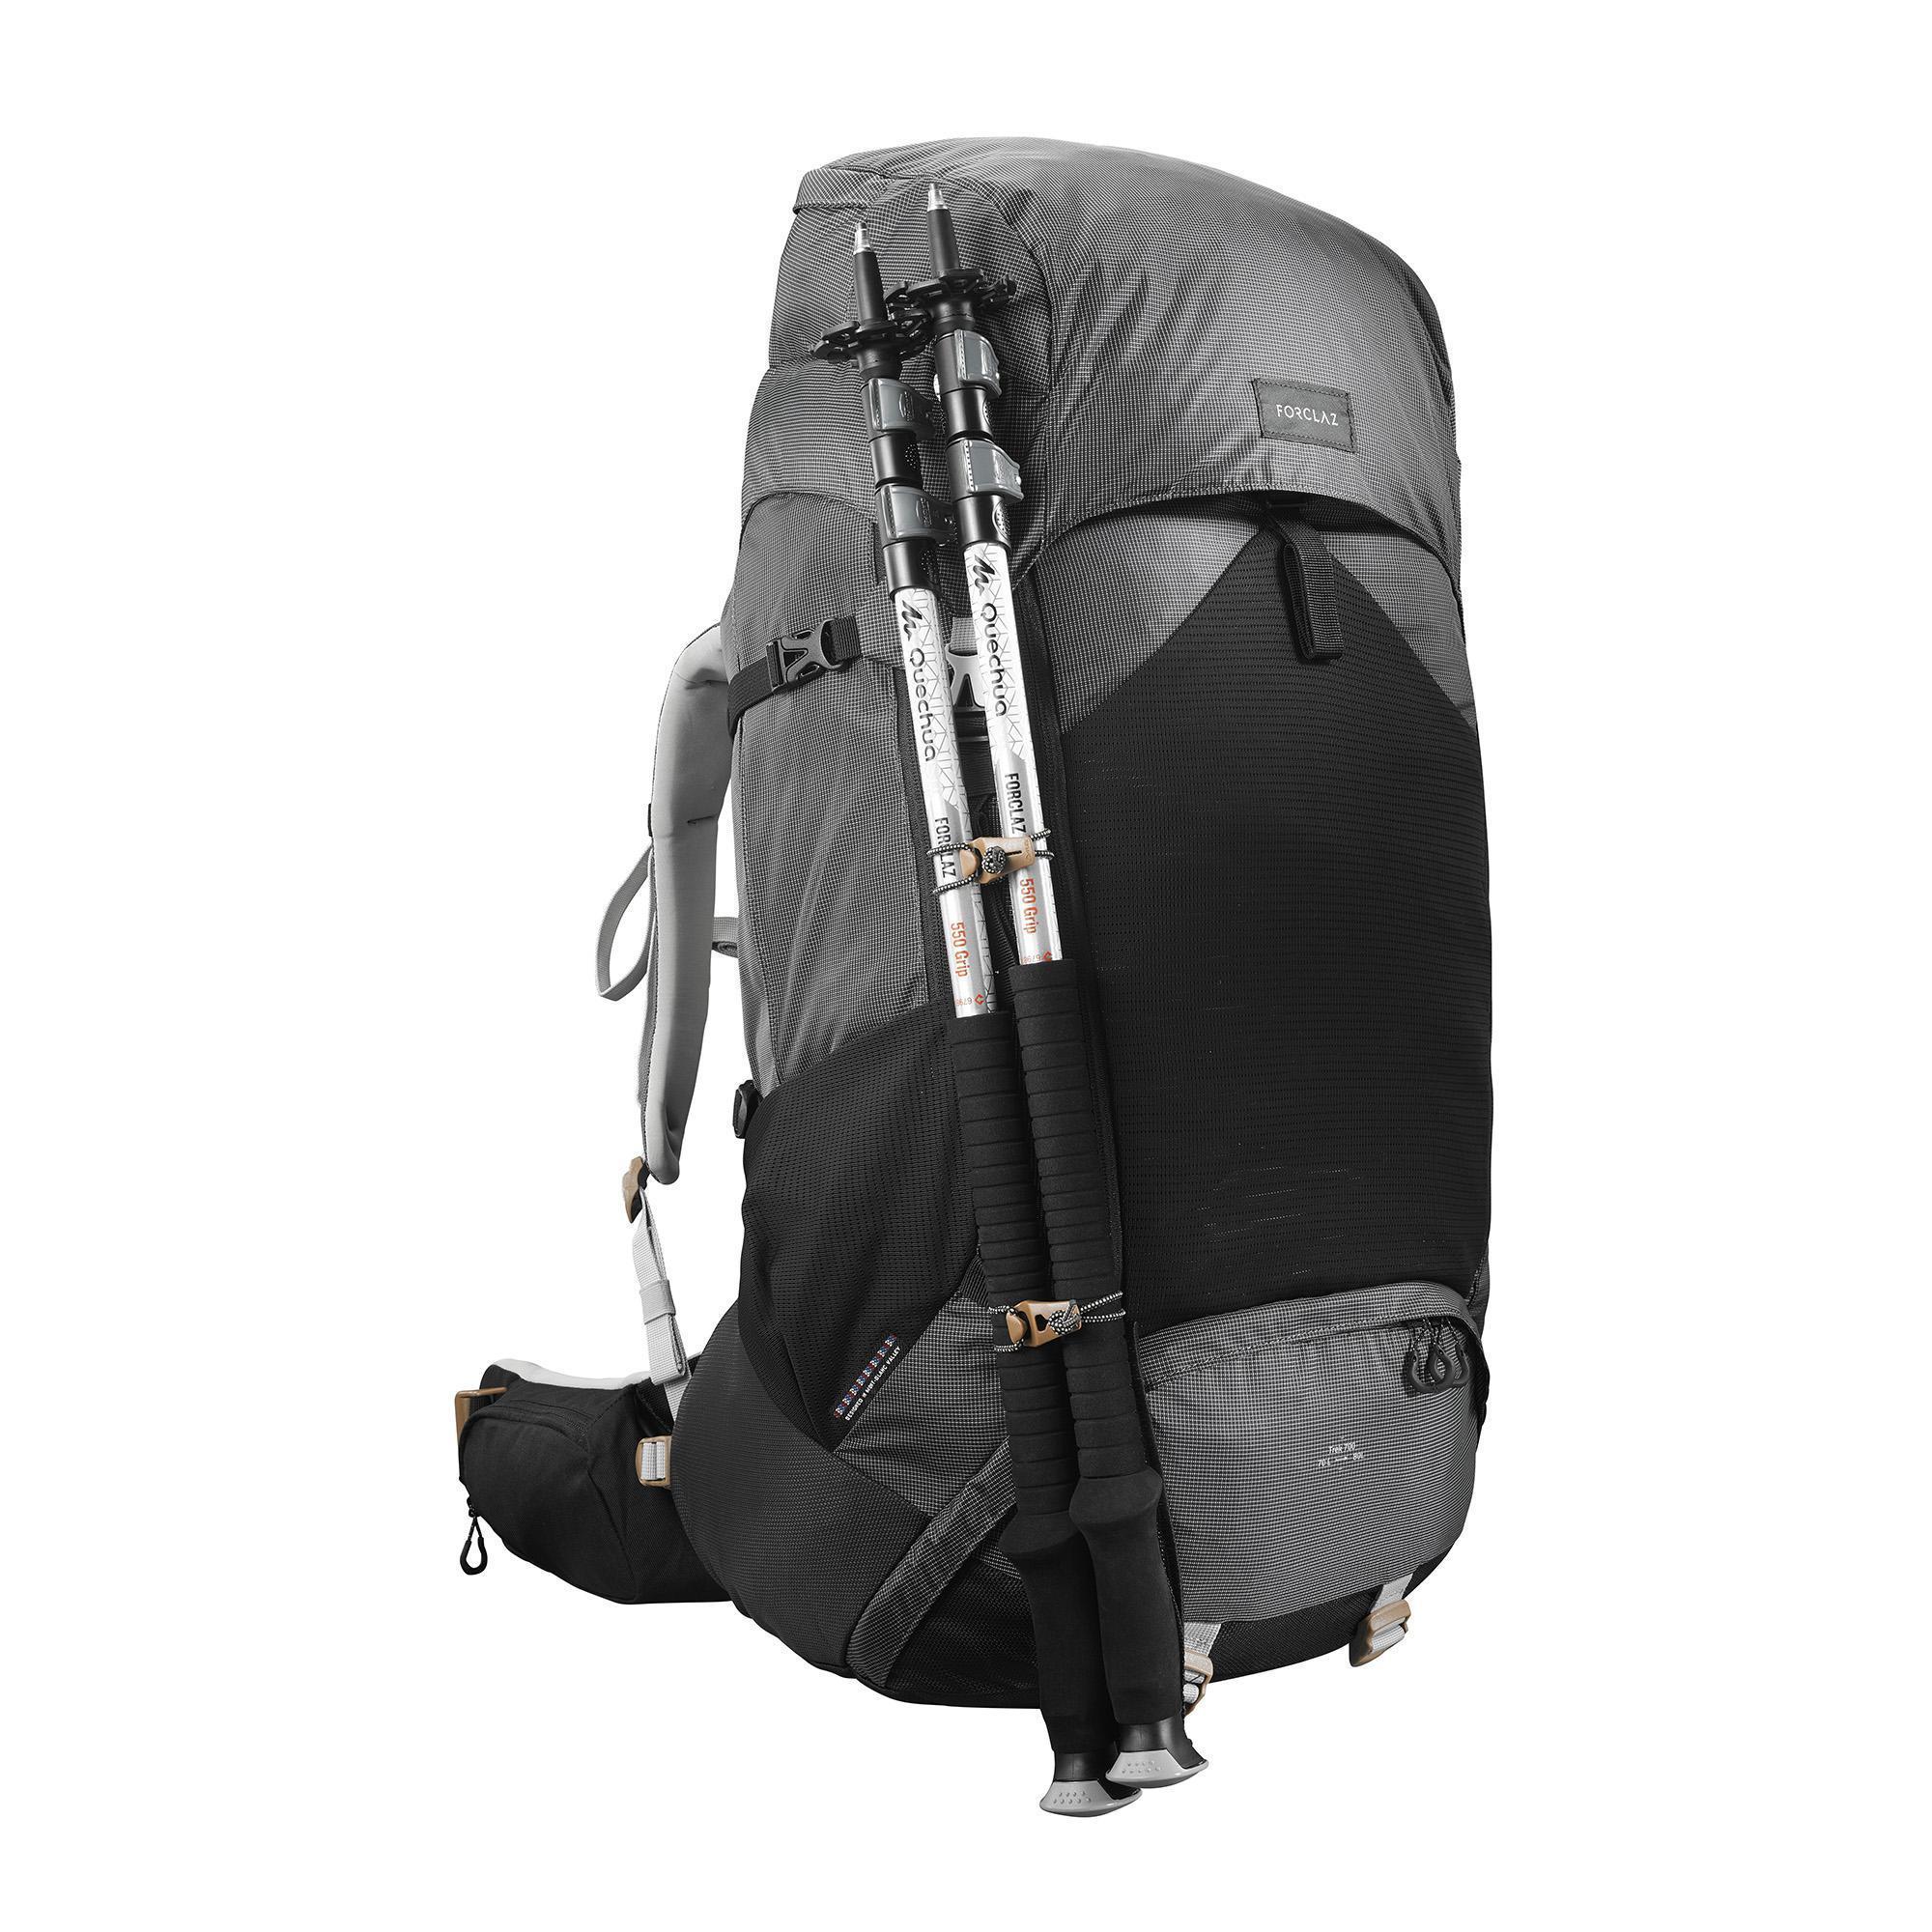 48427764f6a Forclaz Set van 2 halfronde opbergzakken voor rugzak… Forclaz Backpack voor  bergtrekking voor dames Tek 700 70+10L carbongrijs kopen met voordeel